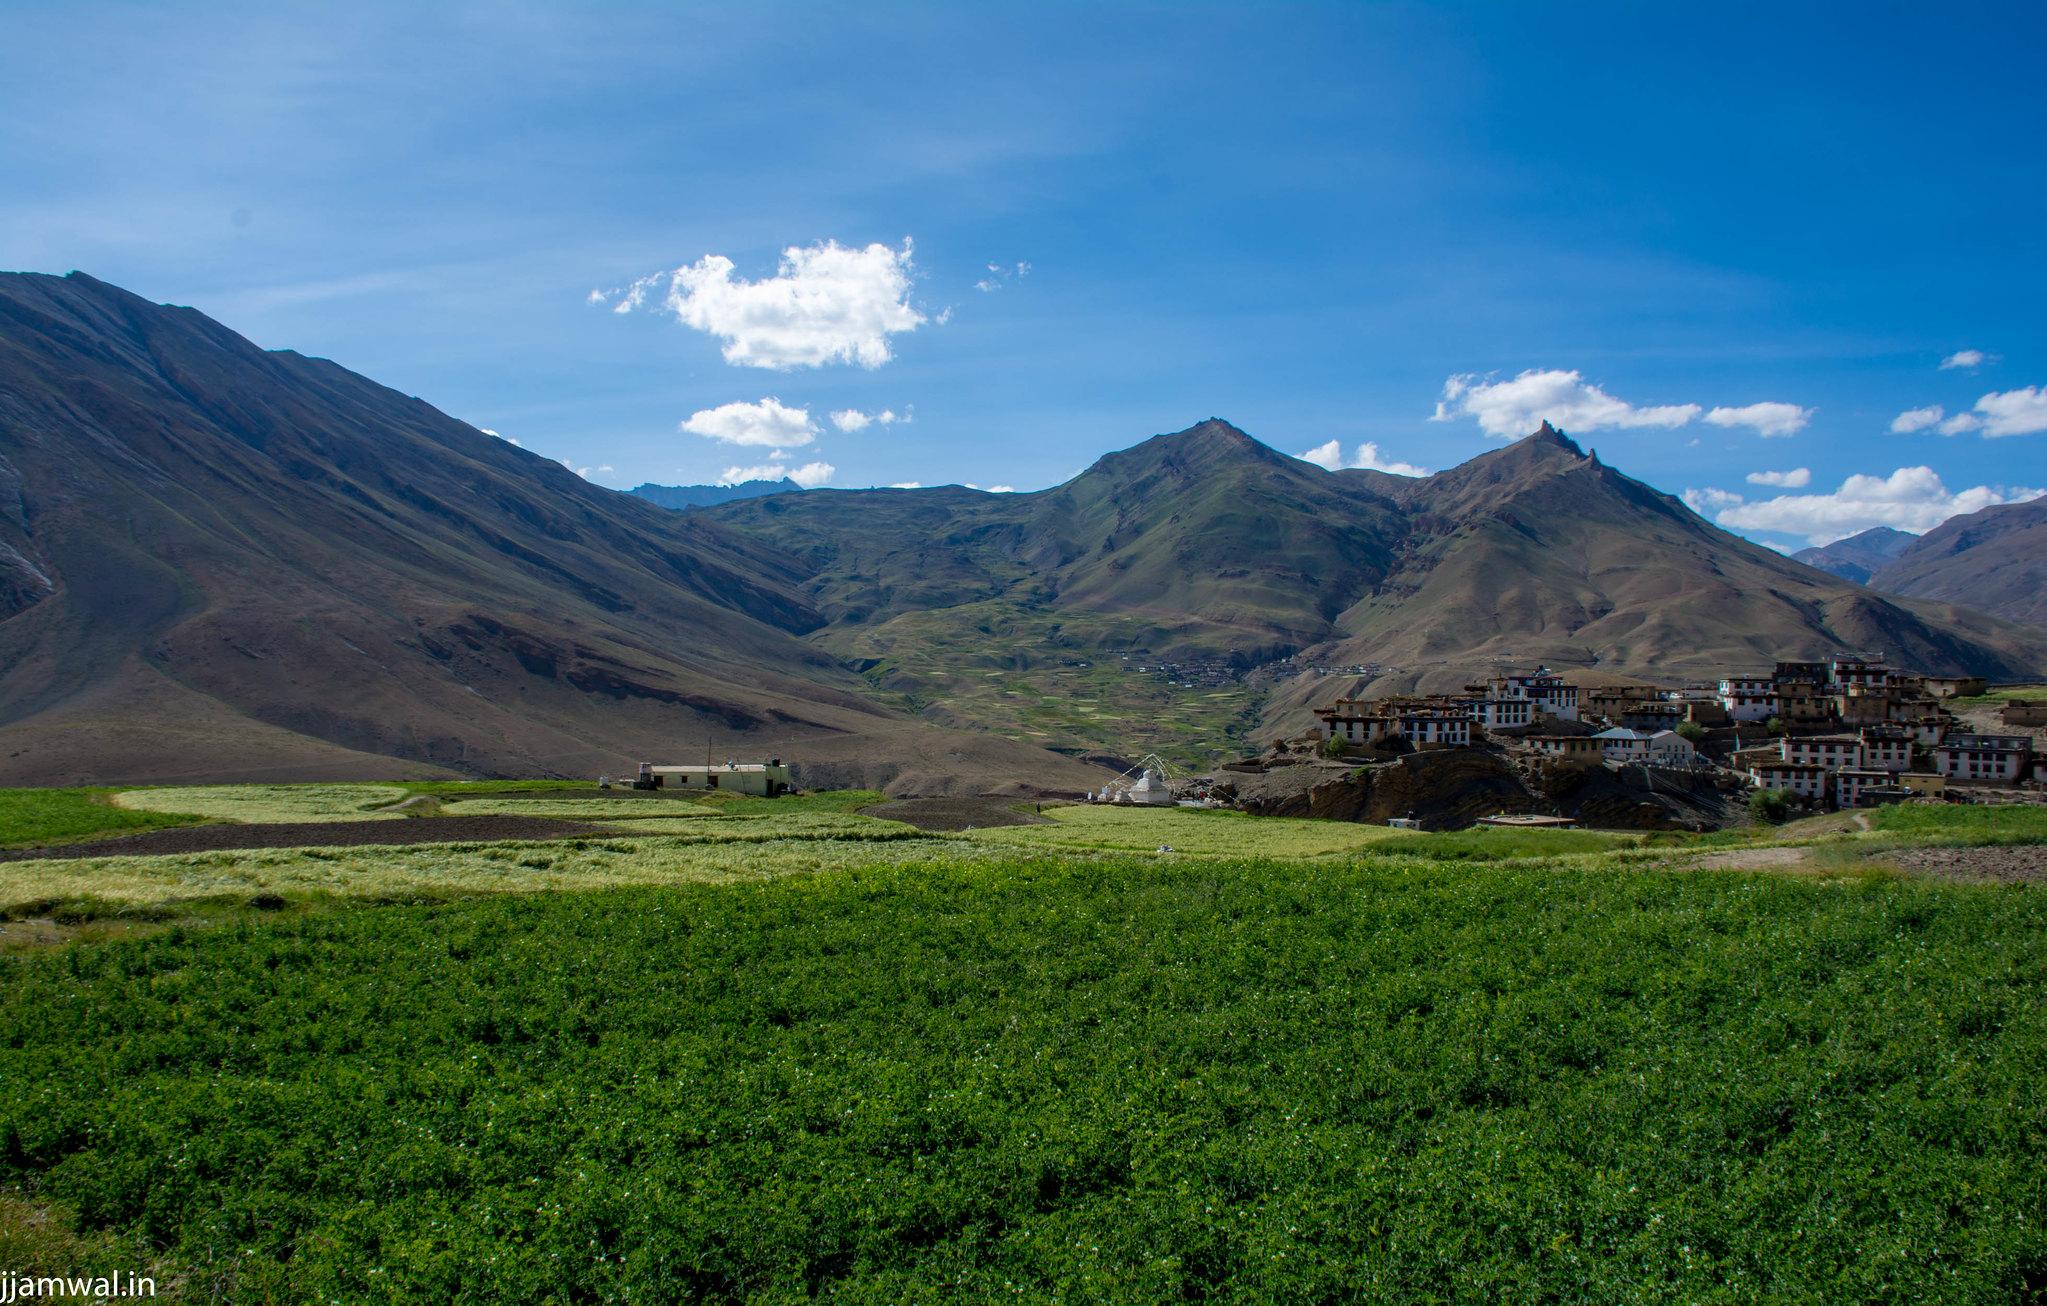 Pea fields in Kibber